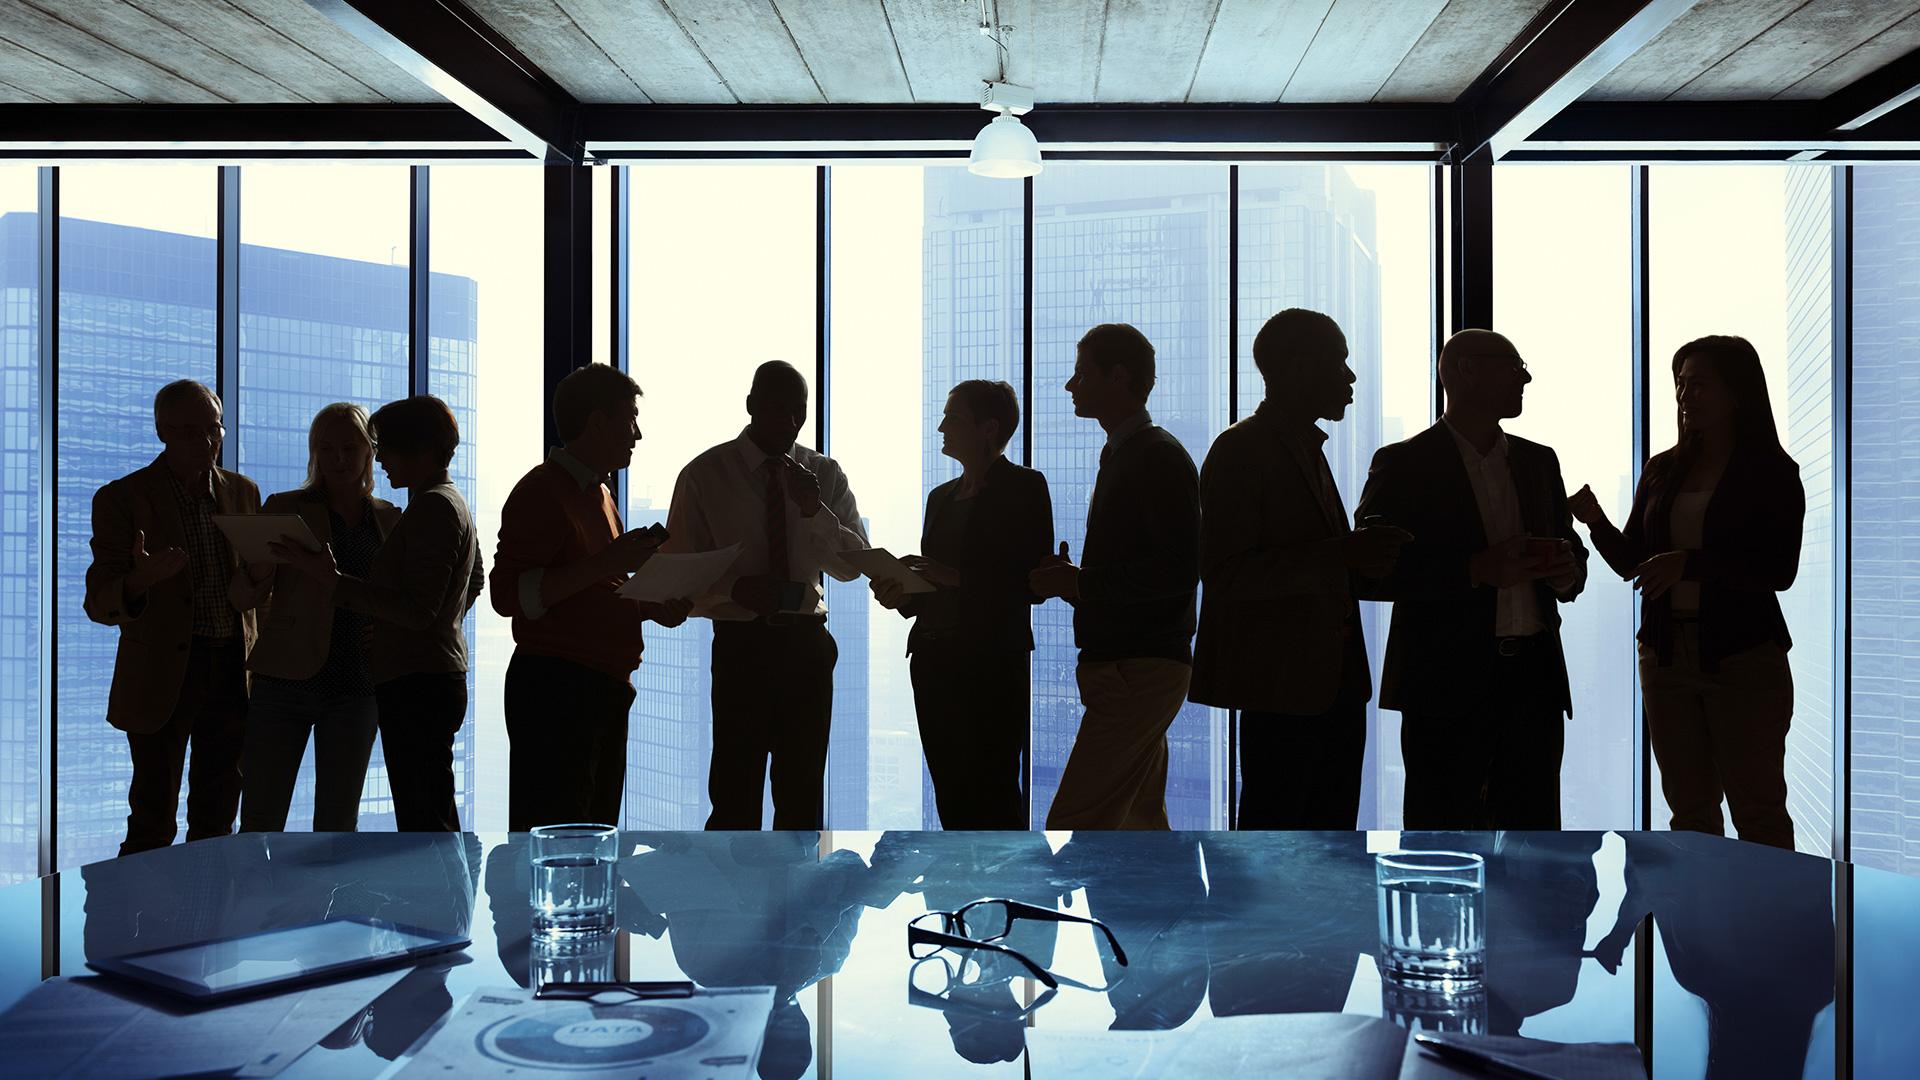 Ordine dei Dottori Commercialisti ed Esperti Contabili di Milano - Assemblea Generale degli Iscritti. Approvato il Bilancio Consuntivo del 2019